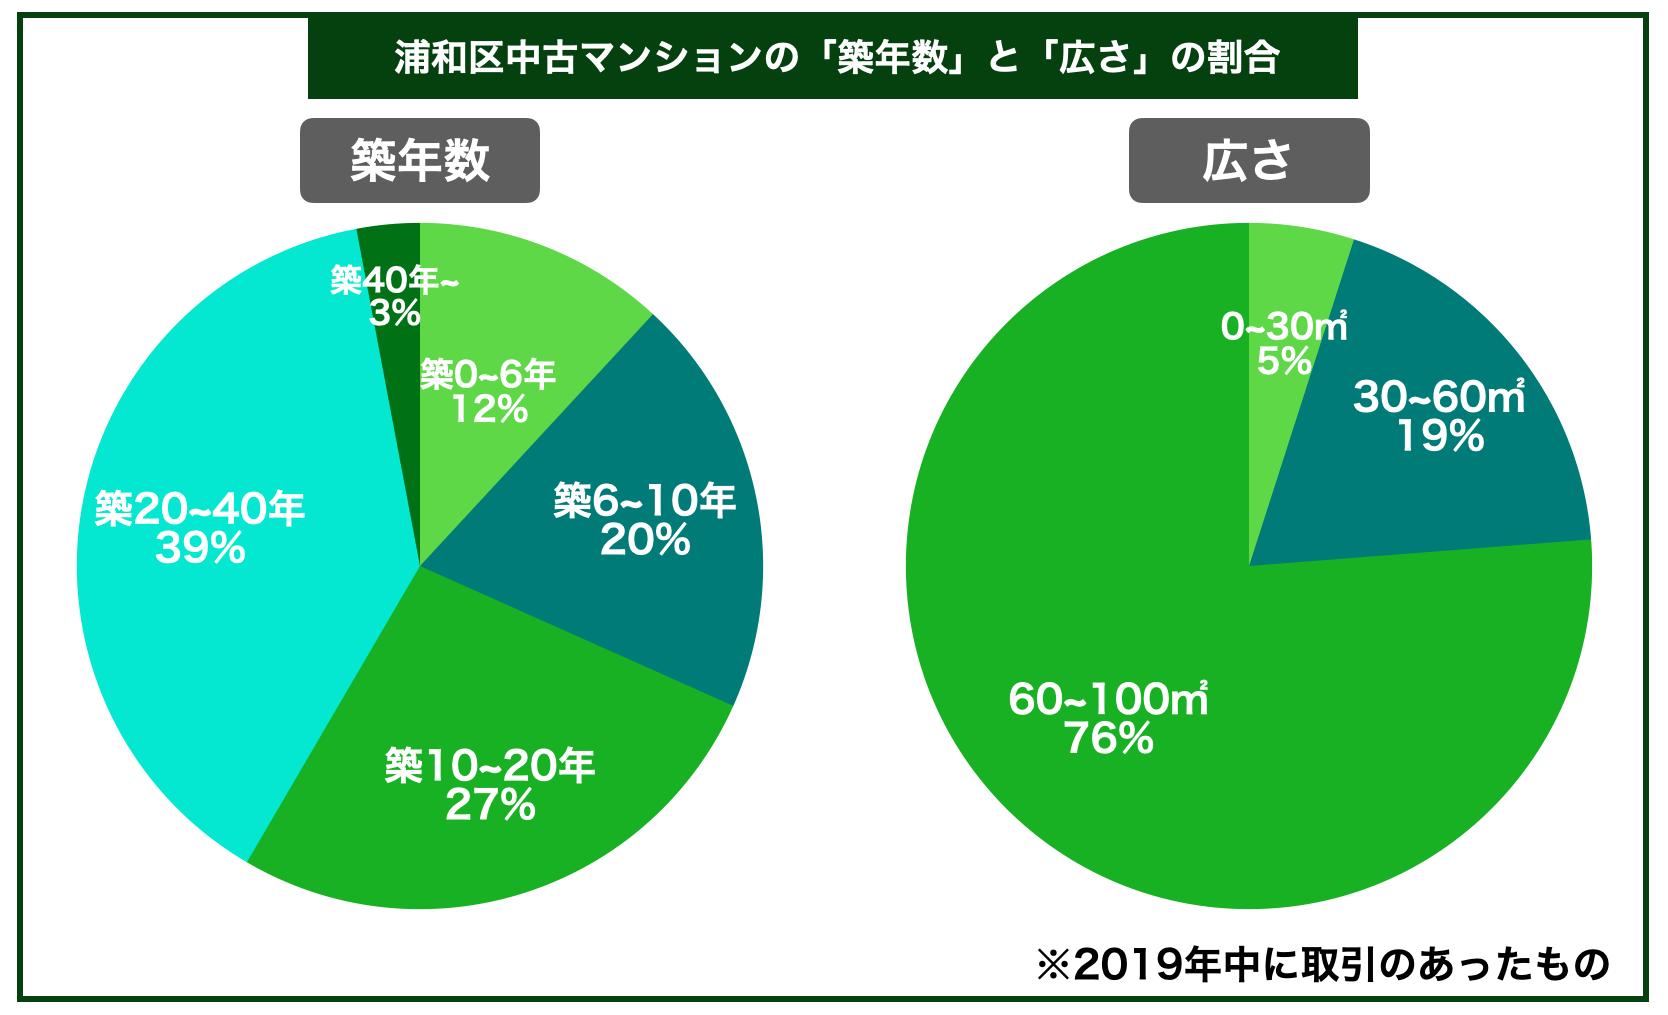 浦和区中古マンション築年数広さ割合